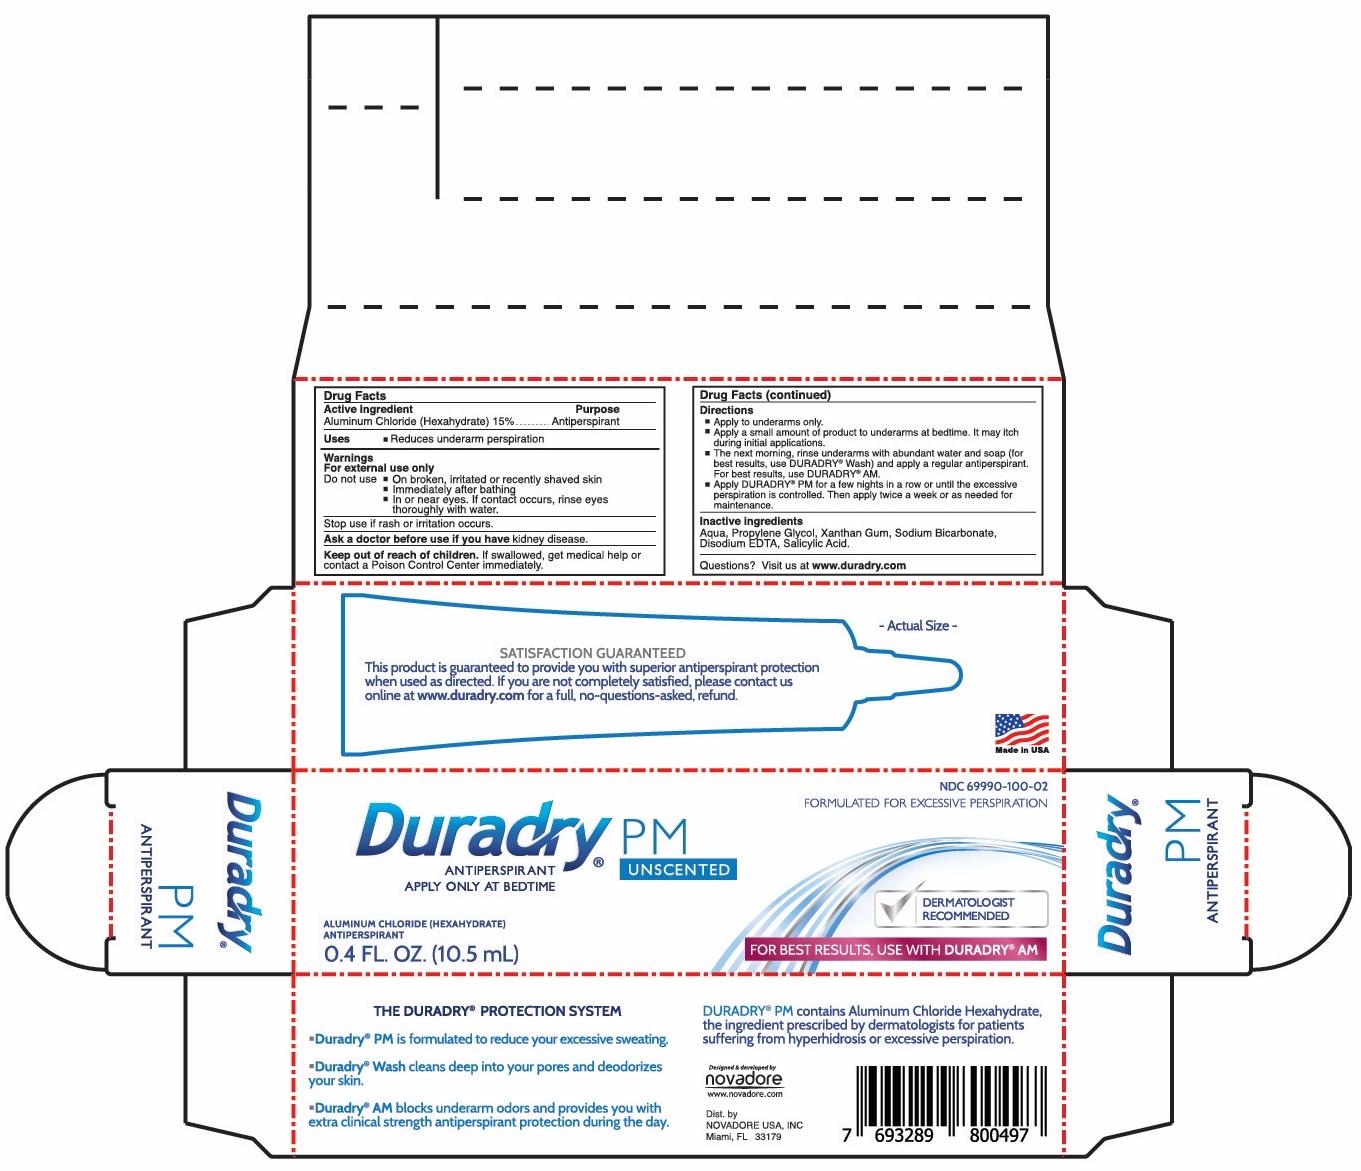 Duradry PM 10.5mL